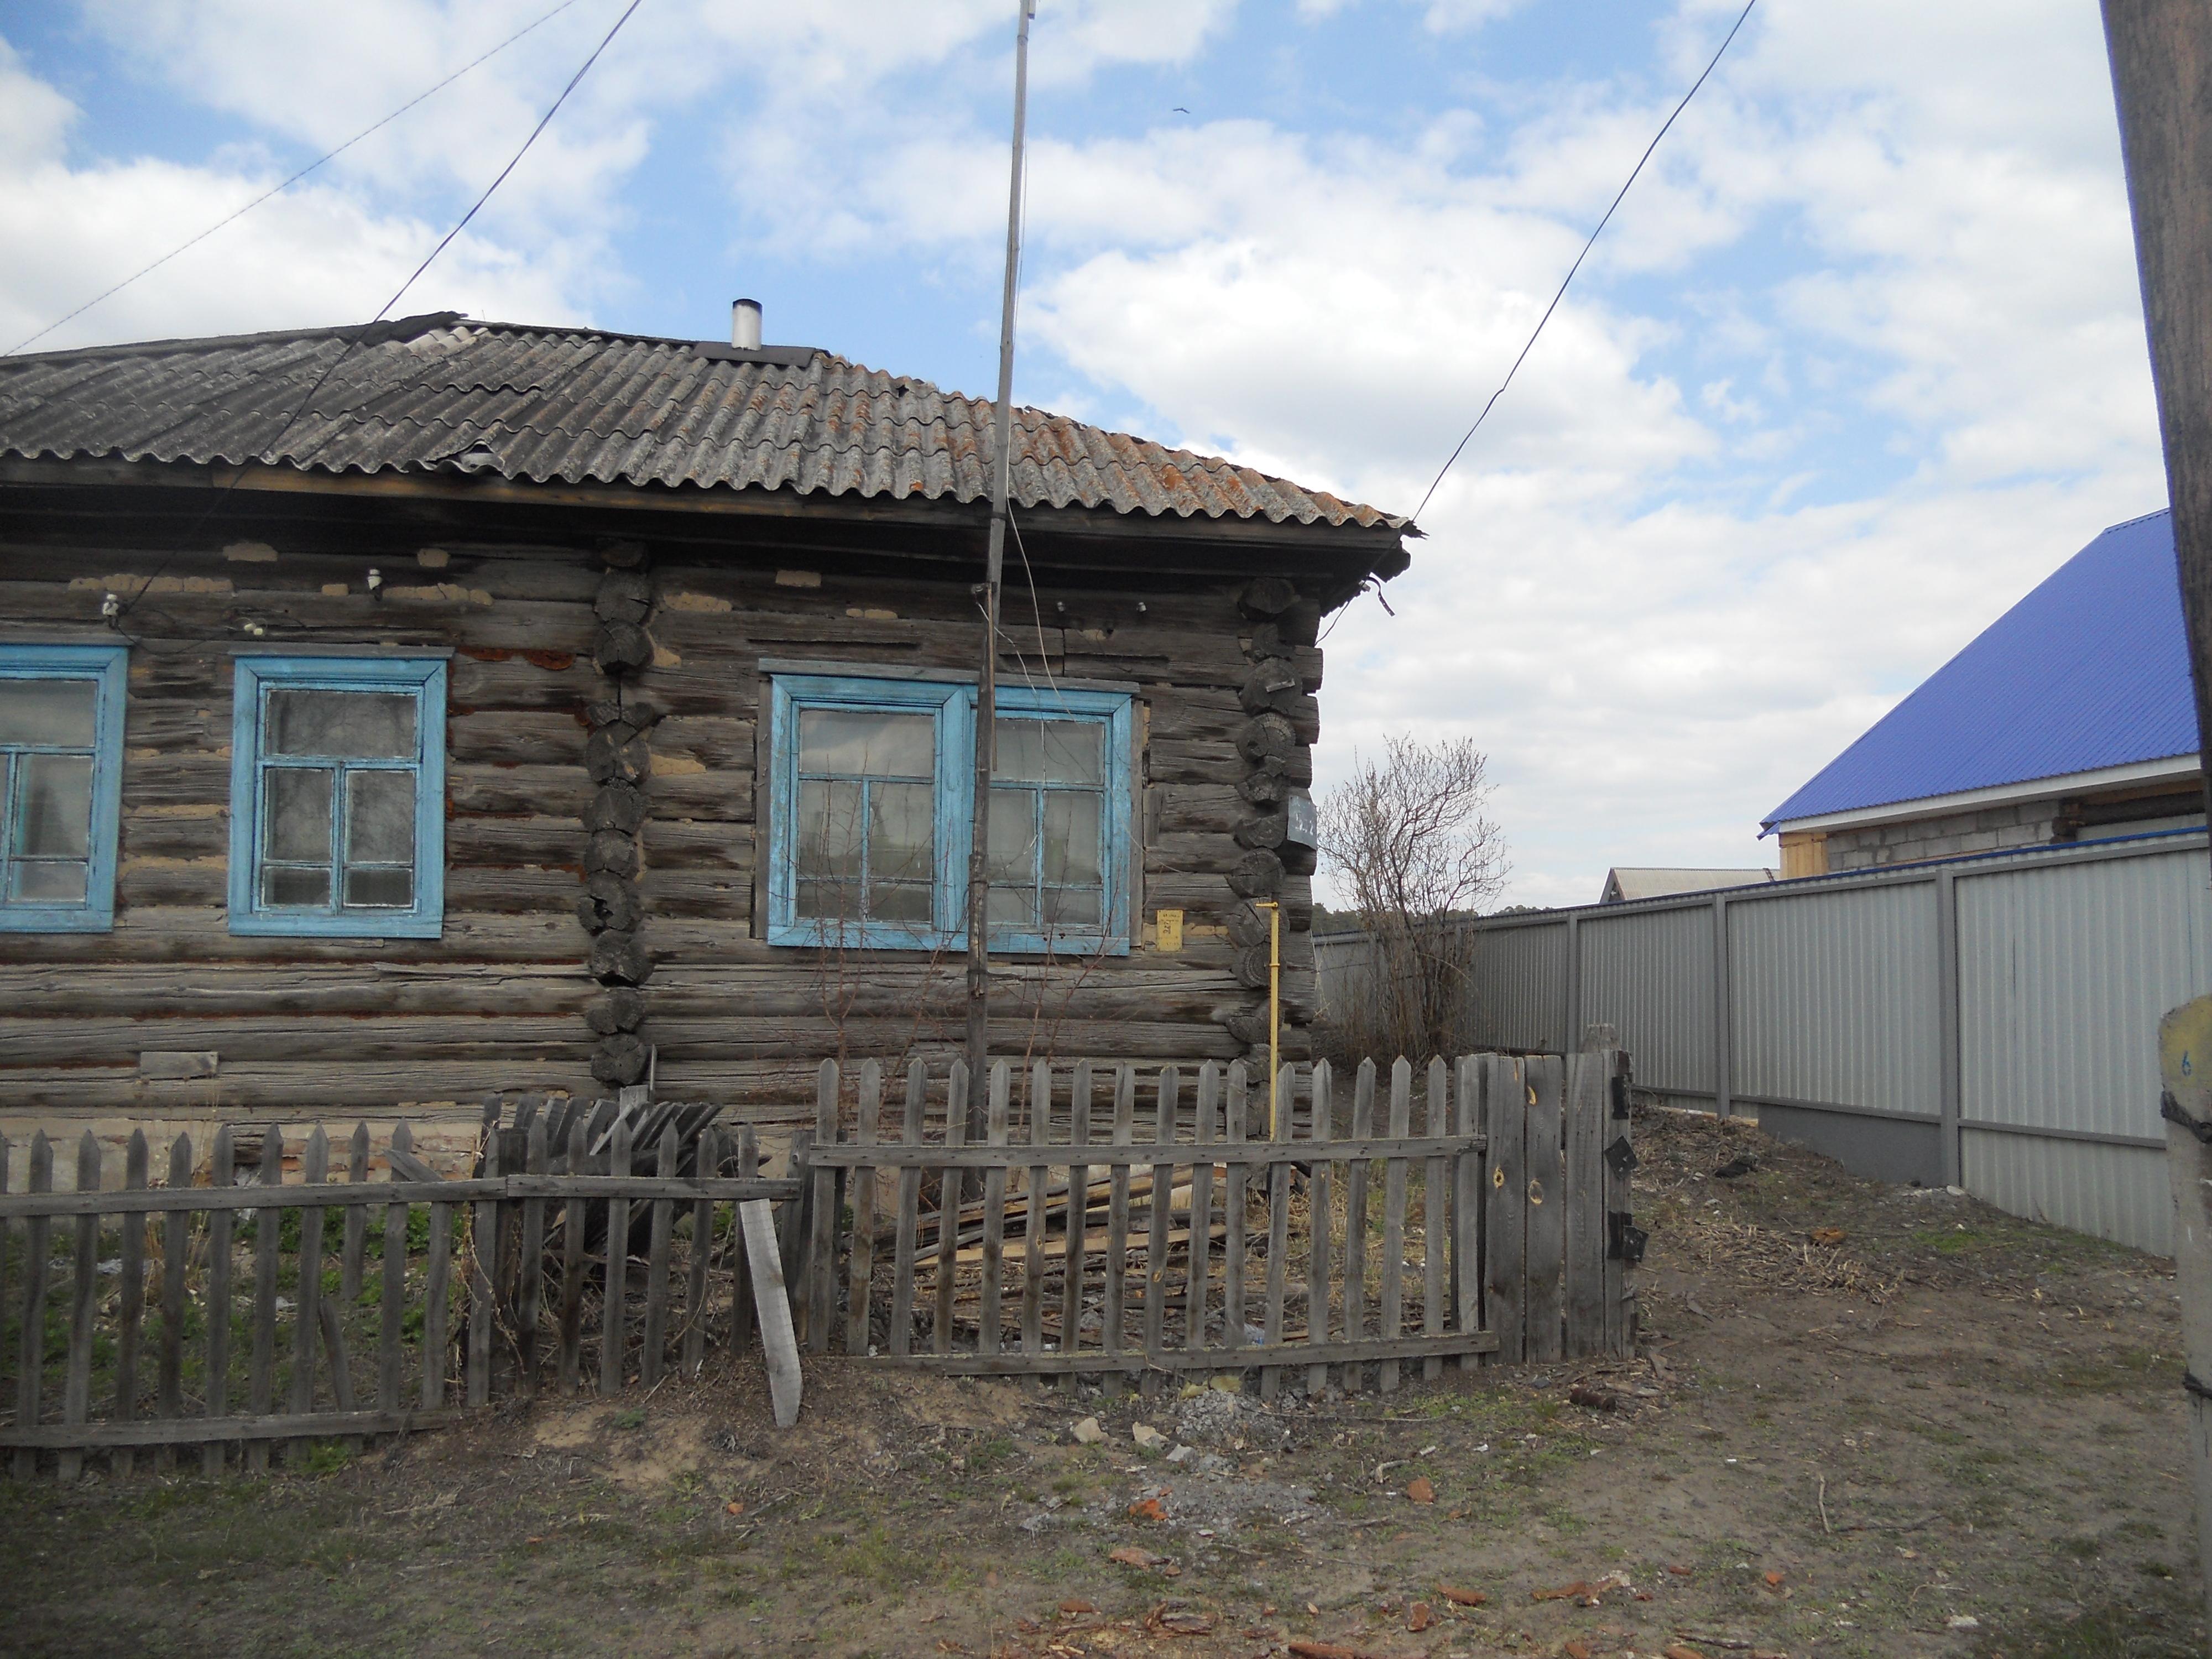 Дом на продажу по адресу Россия, Алтайский край, р-н. Павловский, с. Павловск, ул. Малахова